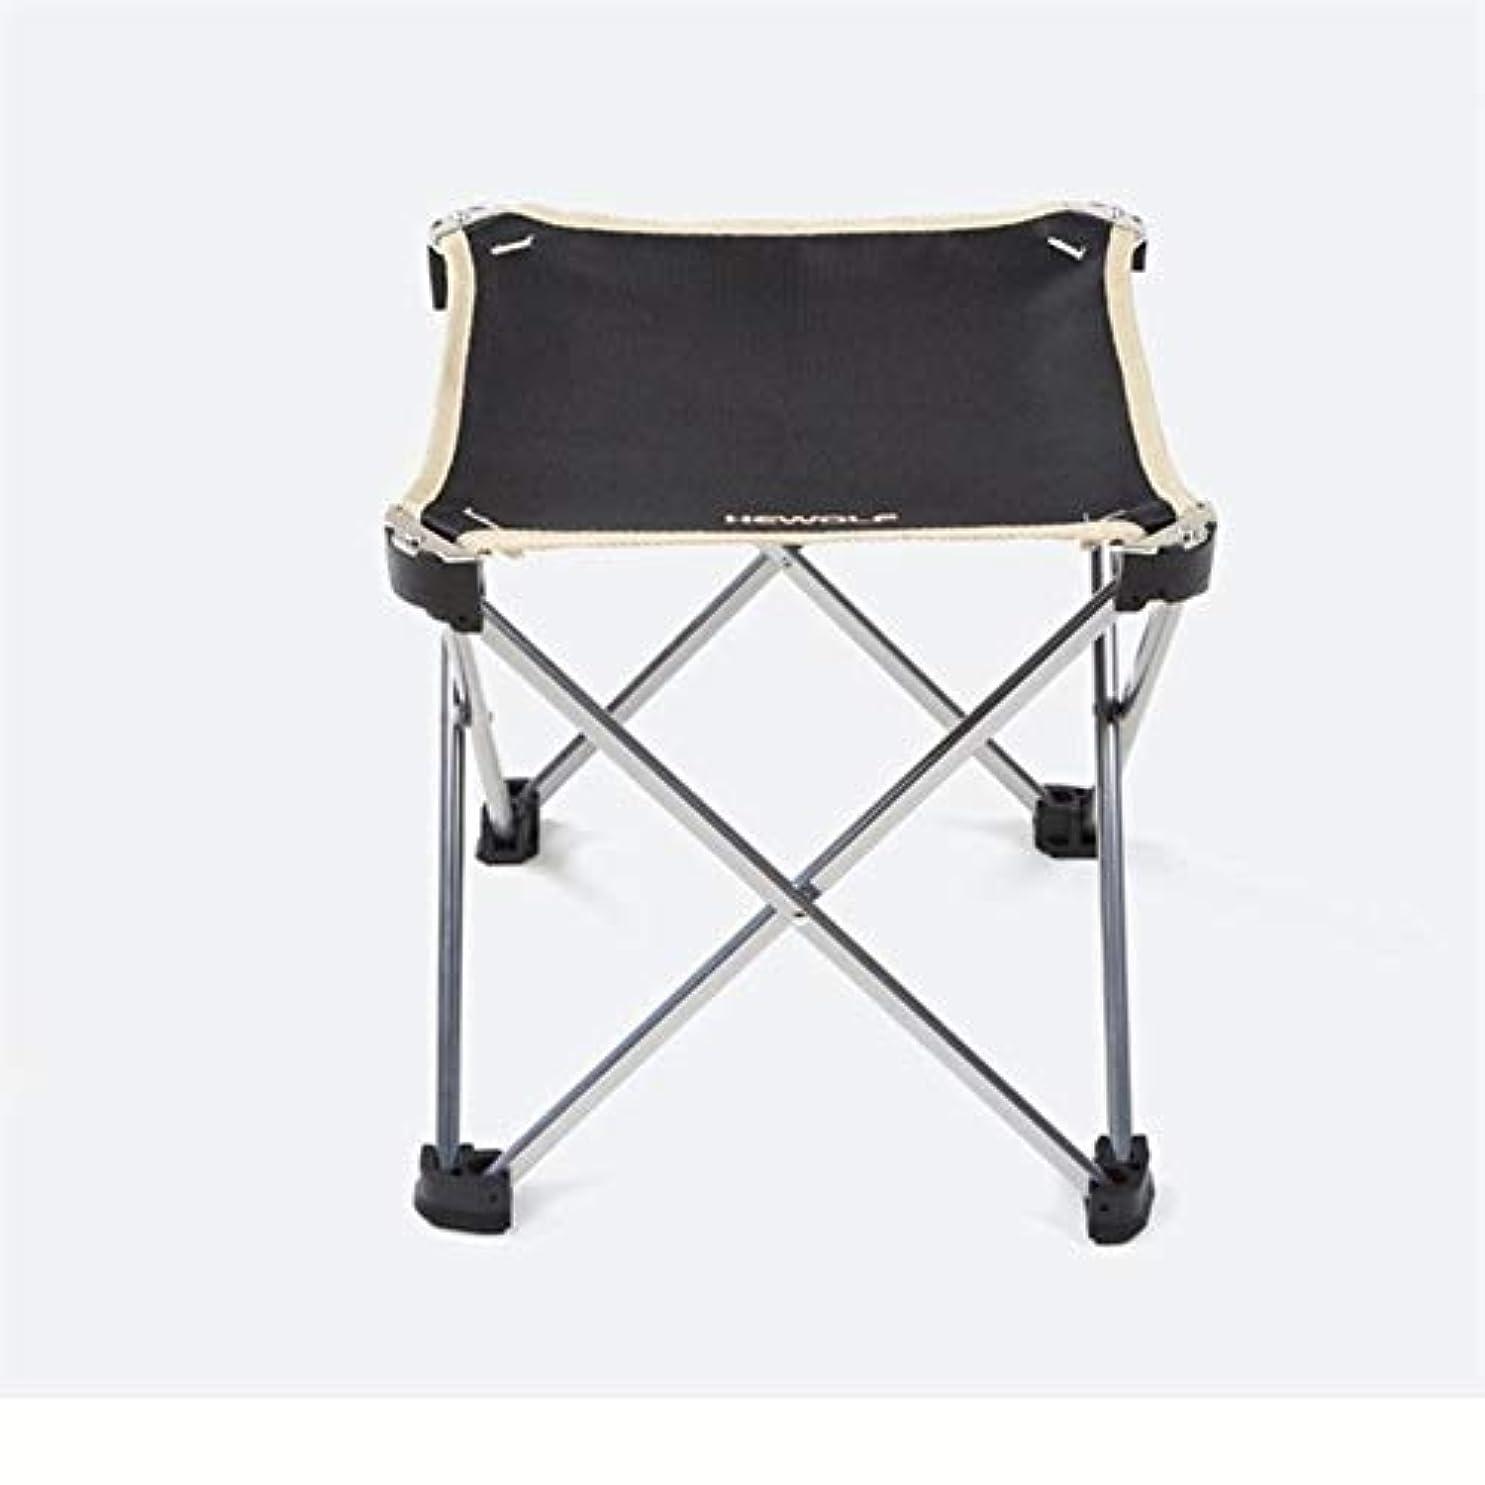 第二手入れ争い超軽量屋外釣り椅子釣り椅子席オックスフォード布キャンプピクニックバーベキューガーデンチェア釣りスクエアスツール s58wrf6s23gty